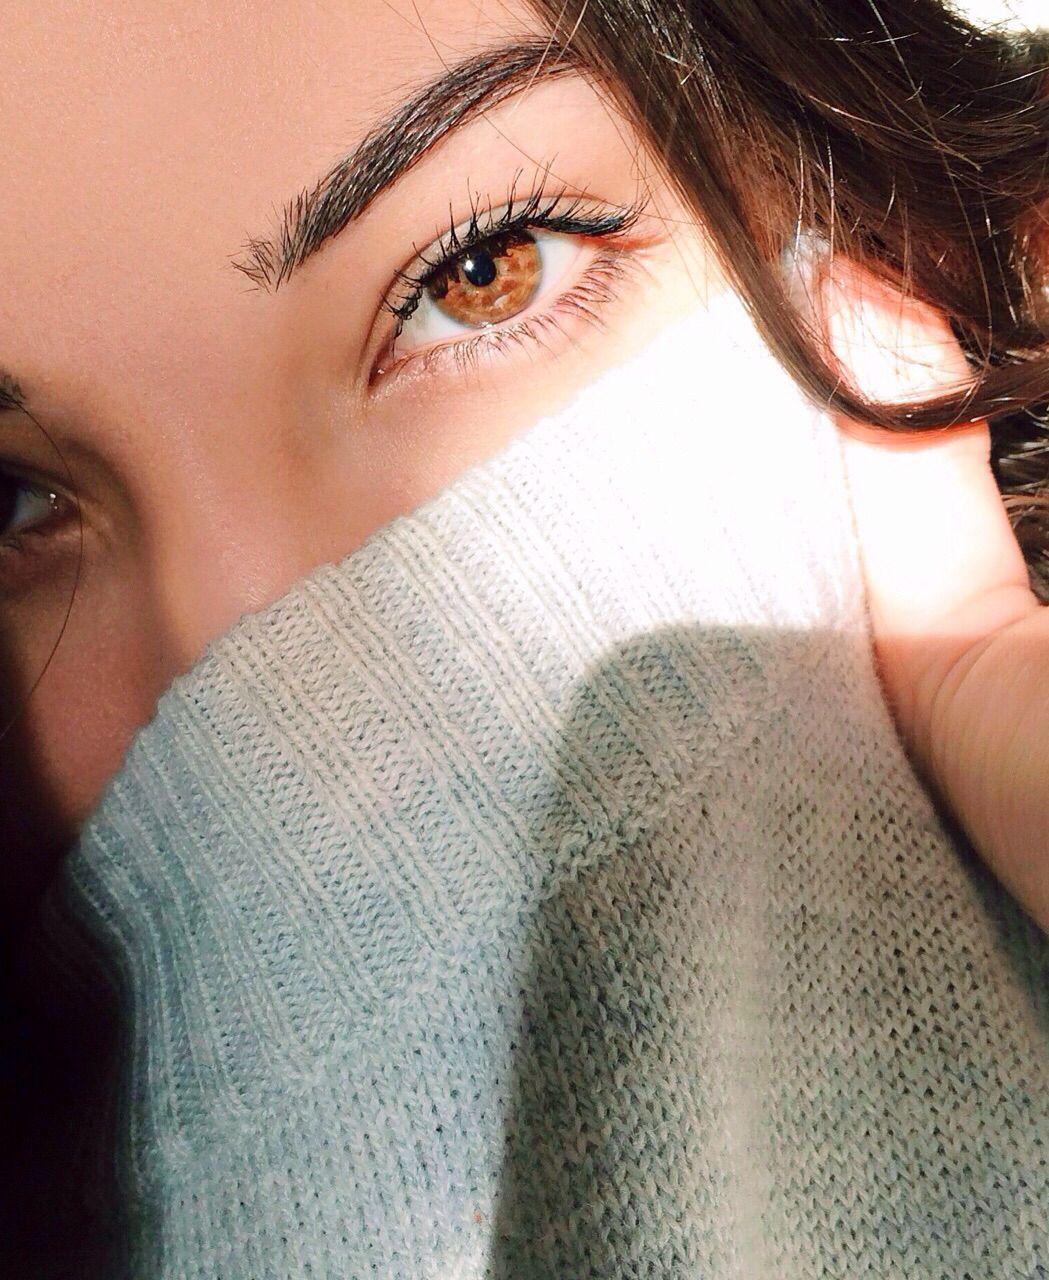 Pin De Shirllaine Em Photography Fotos De Rosto Olhos Castanhos Fotografia De Maquiagem